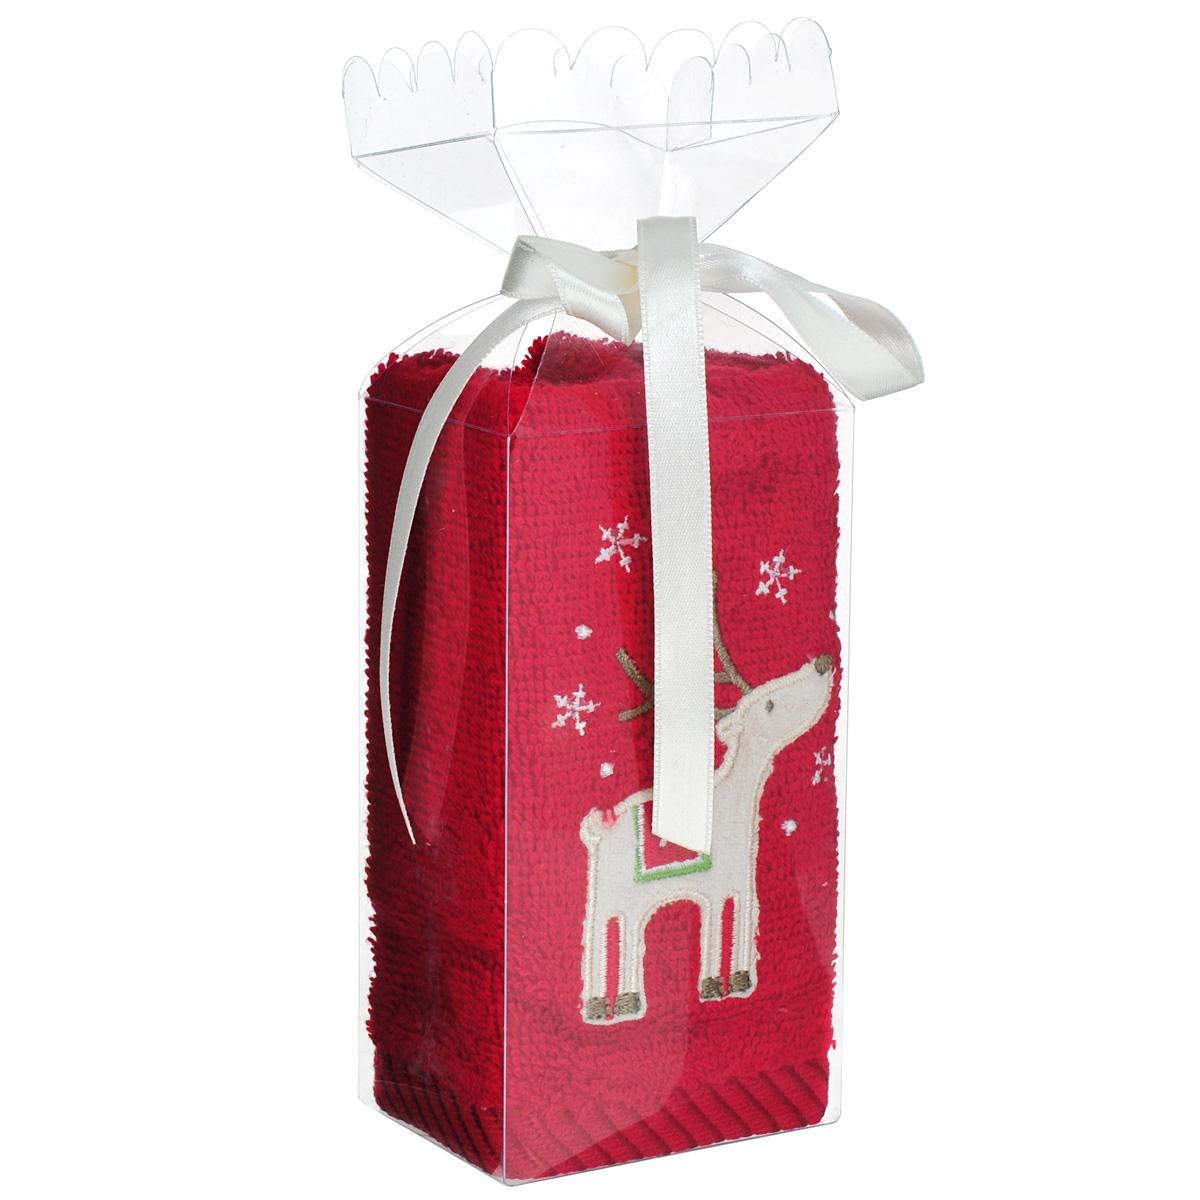 Подарочное полотенце Coronet, с вышивкой, цвет: красный, 30 см х 45 смК-МП-4212-11-01Махровое полотенце Coronet, изготовленное из натурального хлопка и и украшенное вышивкой, подарит массу положительных эмоций и приятных ощущений. Полотенце отличается нежностью и мягкостью материала, утонченным дизайном и превосходным качеством. Оно прекрасно впитывает влагу, быстро сохнет и не теряет своих свойств после многократных стирок. Мягкое махровое полотенце Coronet может стать прекрасным подарком как мужчине, так и женщине, и ребенку. Оно станет приятным сюрпризом на Новый год друзьям, близким или коллегам. Полотенце упаковано в пластиковую коробку с бантиком.